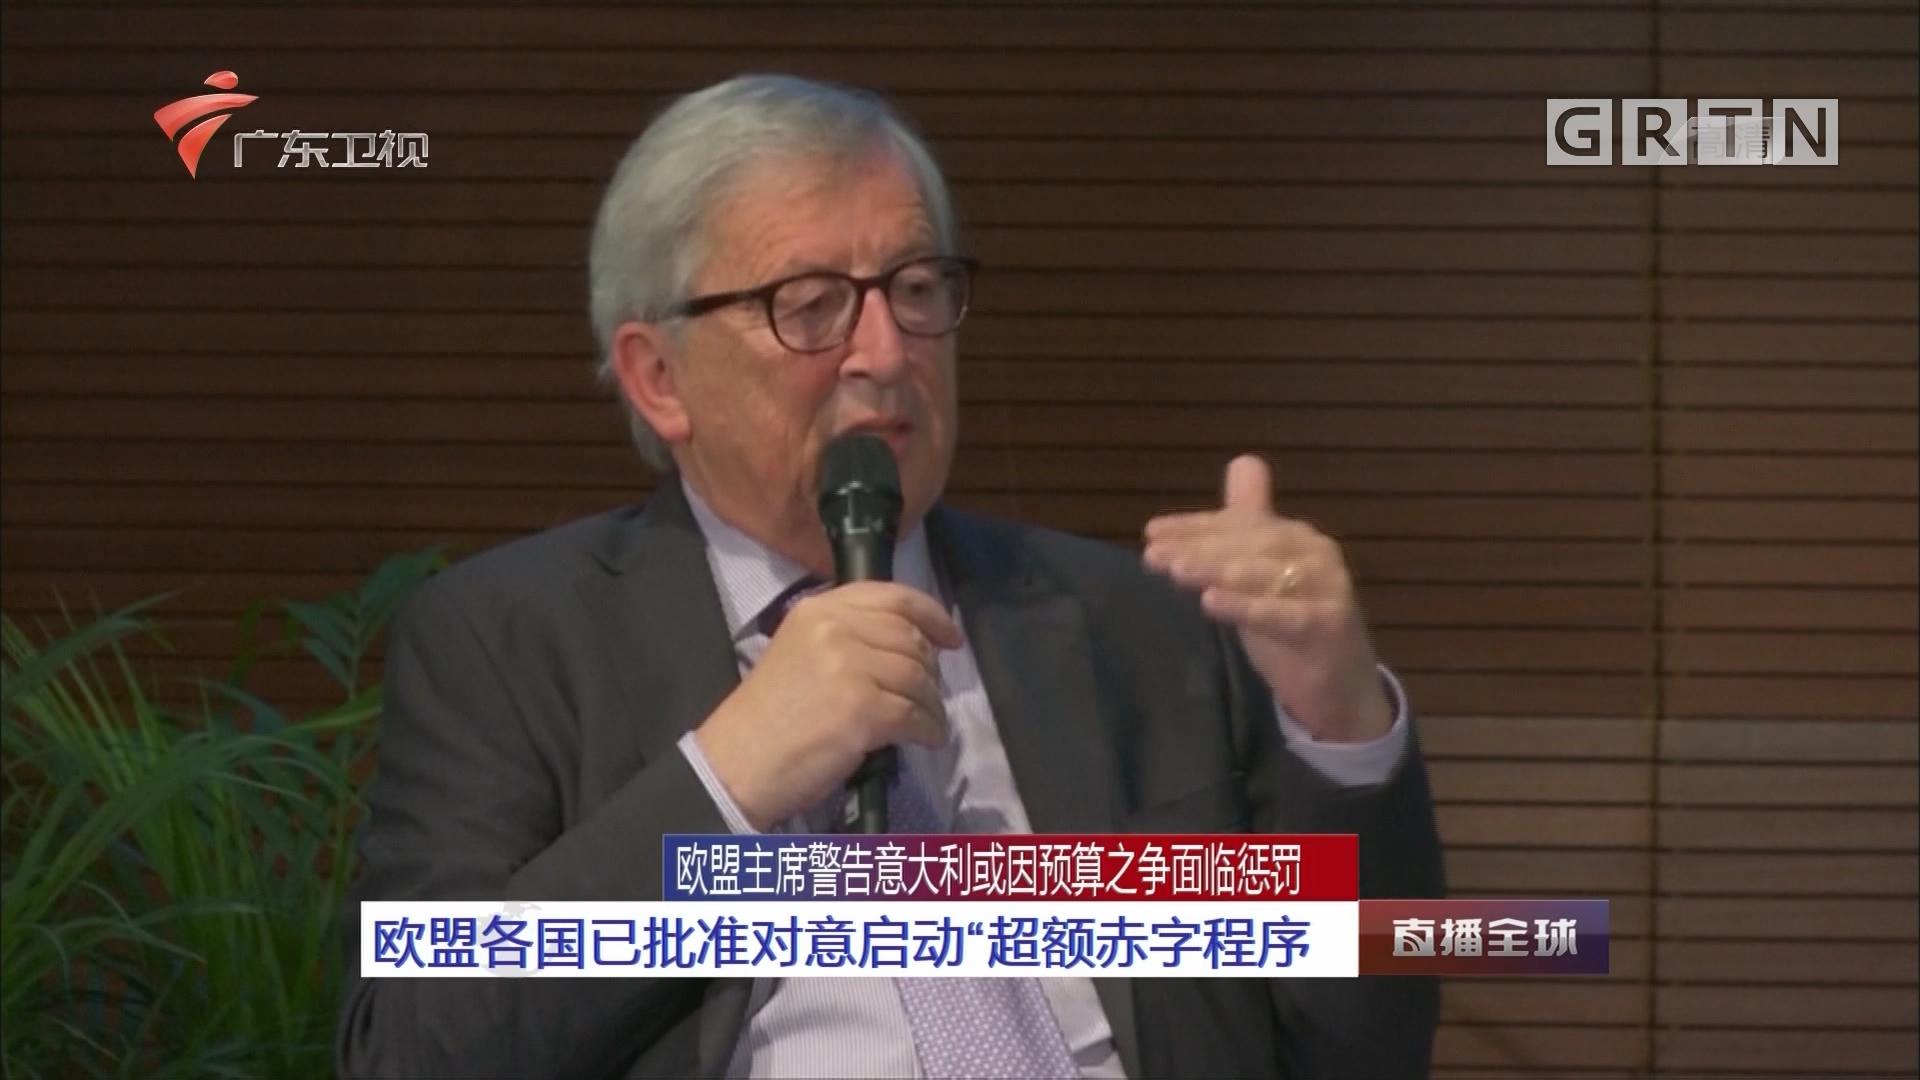 """欧盟主席警告意大利或因预算之争面临惩罚:欧盟各国已批准对意启动""""超额赤字程序"""""""